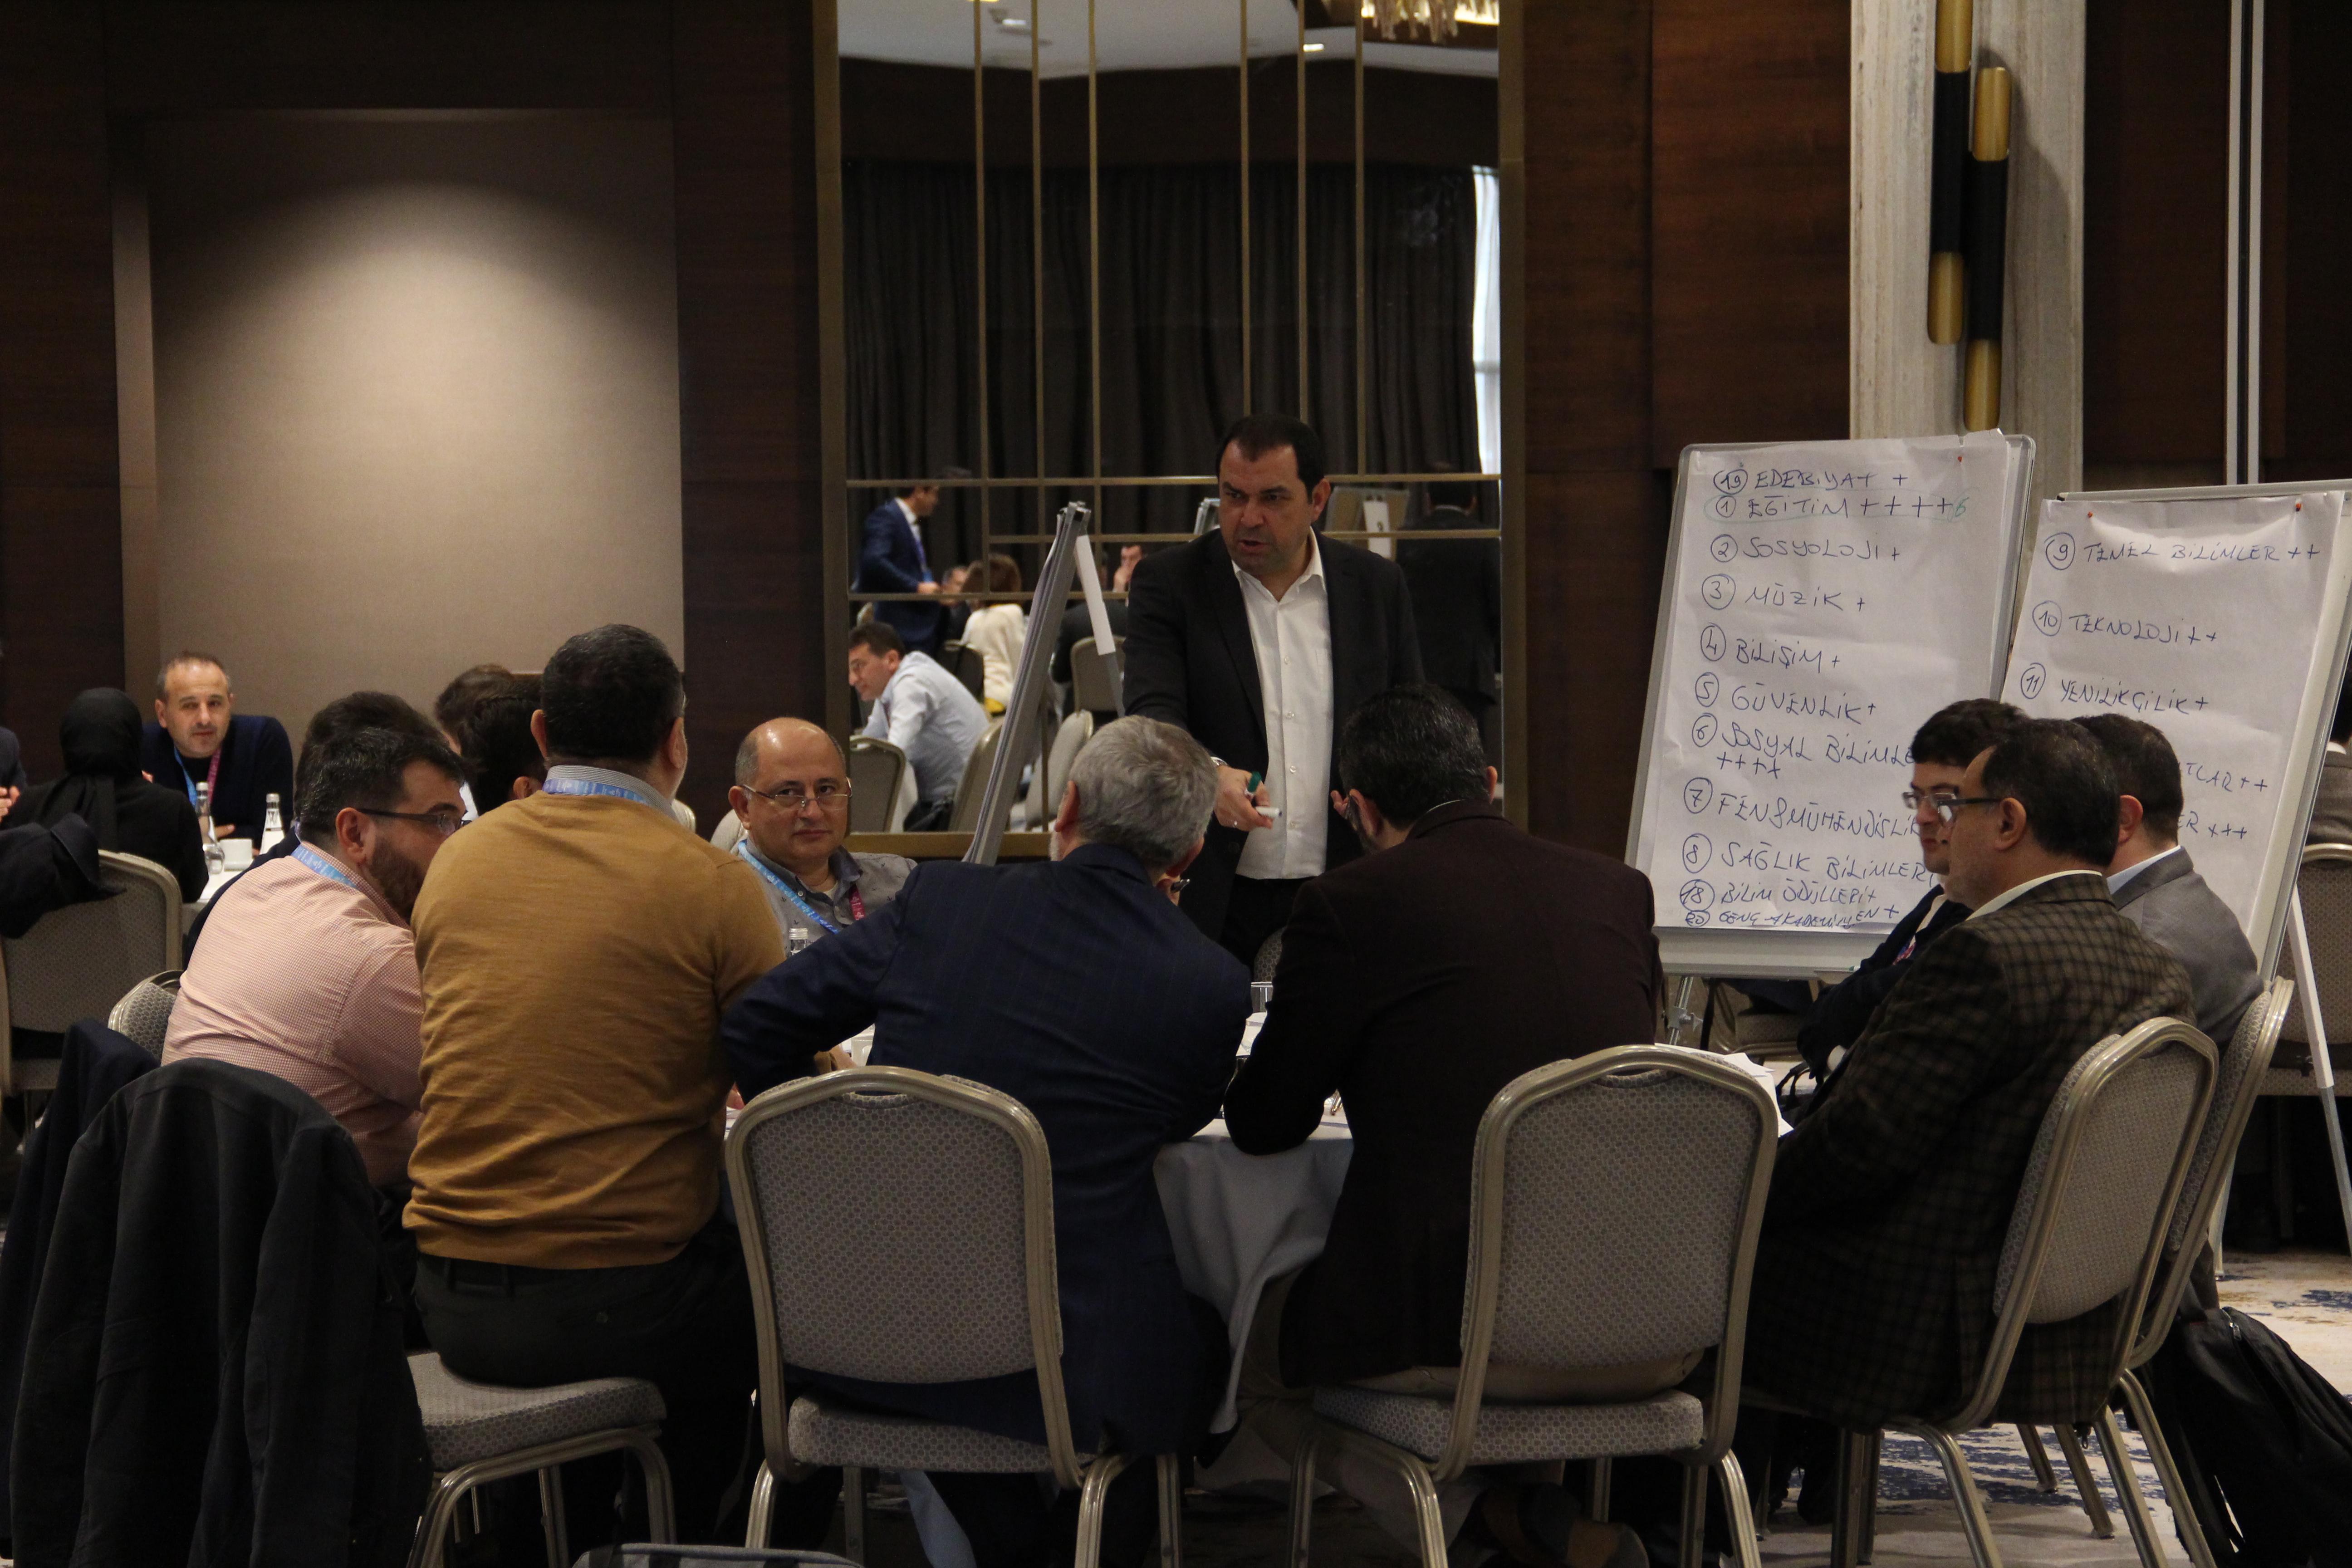 İlim Yayma Vakfı Akademi Ödülleri Ortak Akıl Konferansı Gerçekleştirildi - Haberler - İlim Yayma Vakfı, İYV